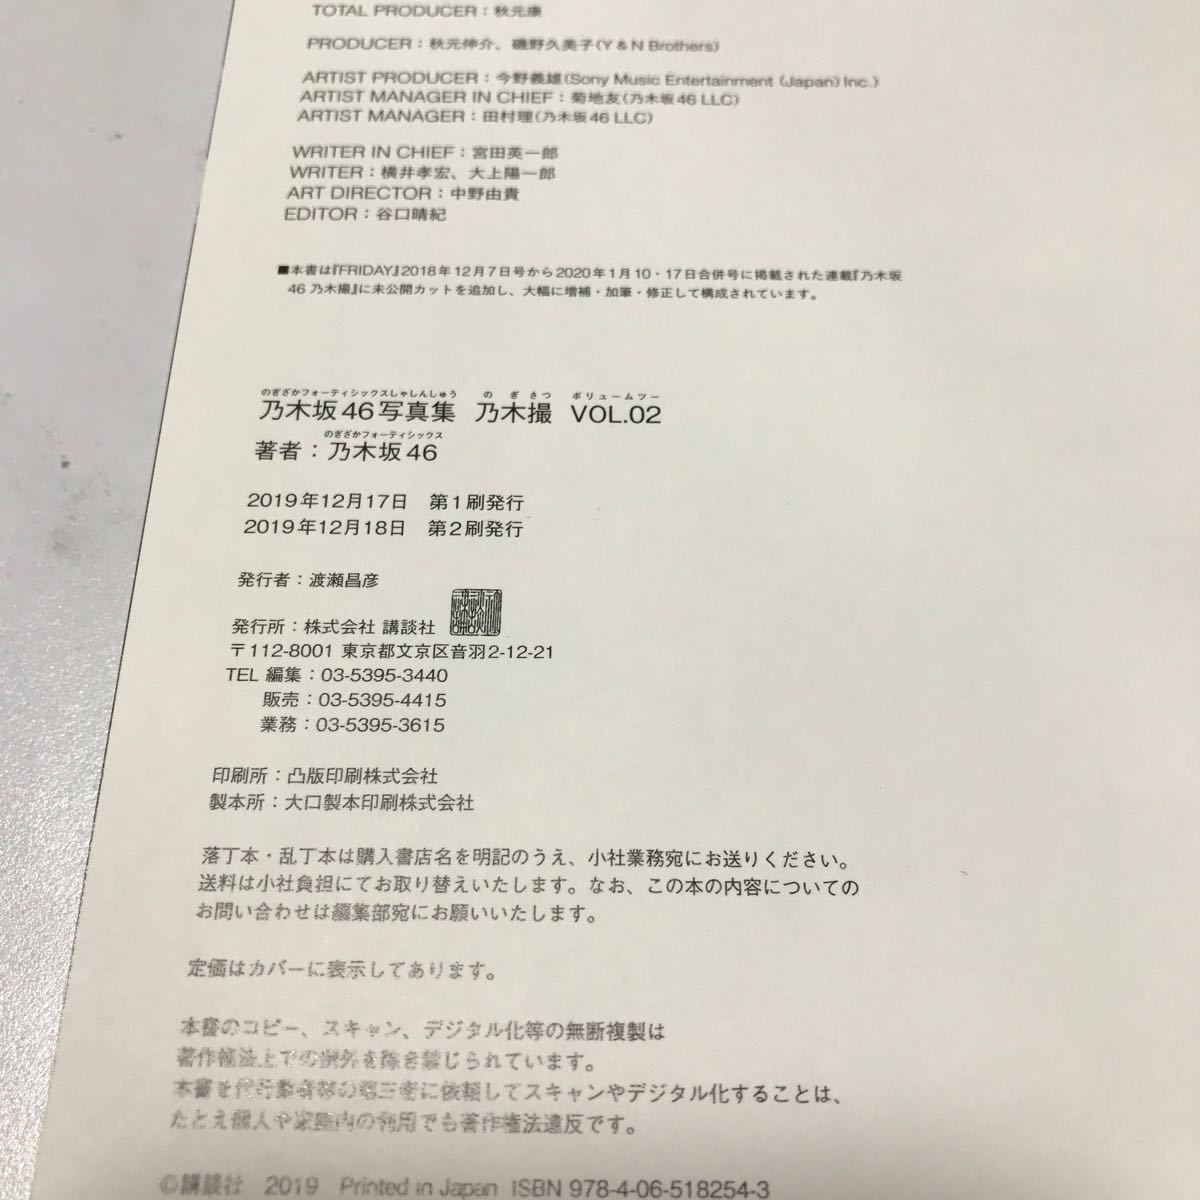 乃木撮 乃木坂46写真集 VOL.02/乃木坂46